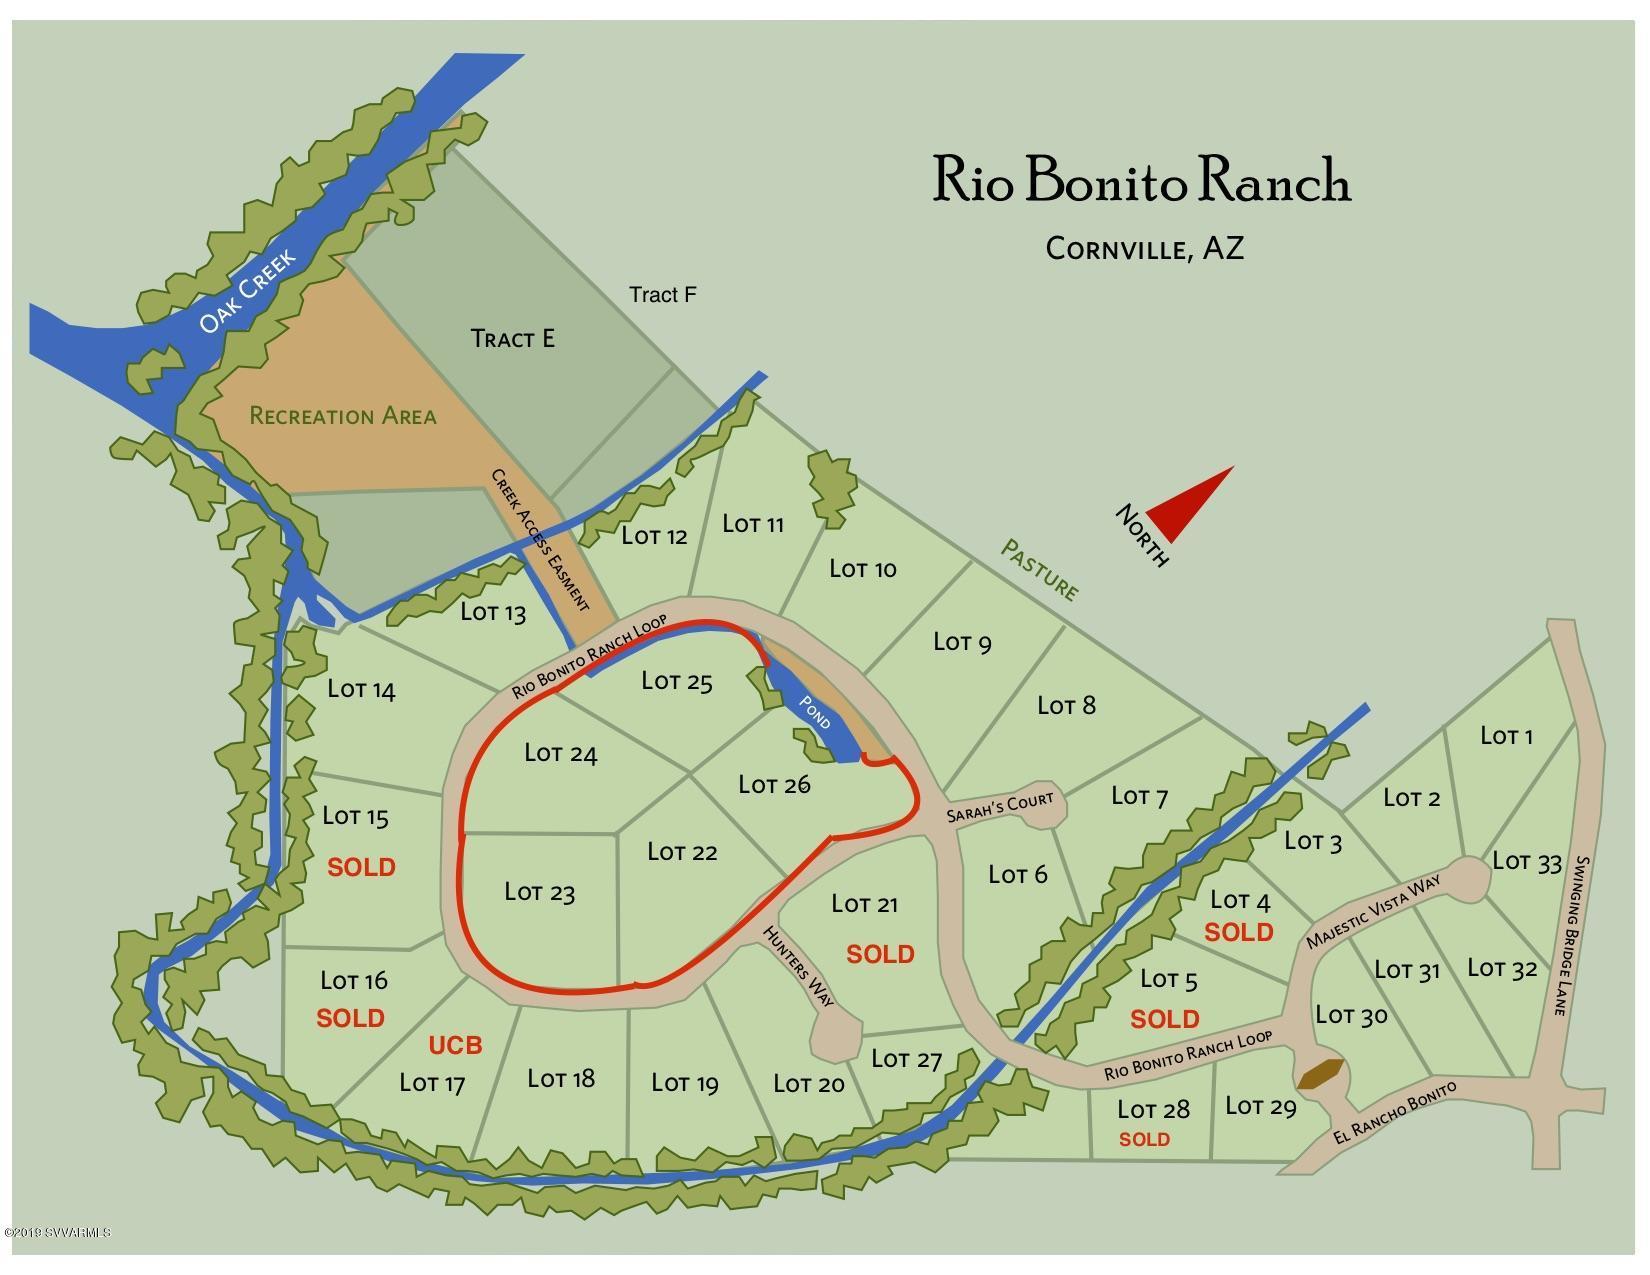 435 S Bonito Ranch Cornville, AZ 86325